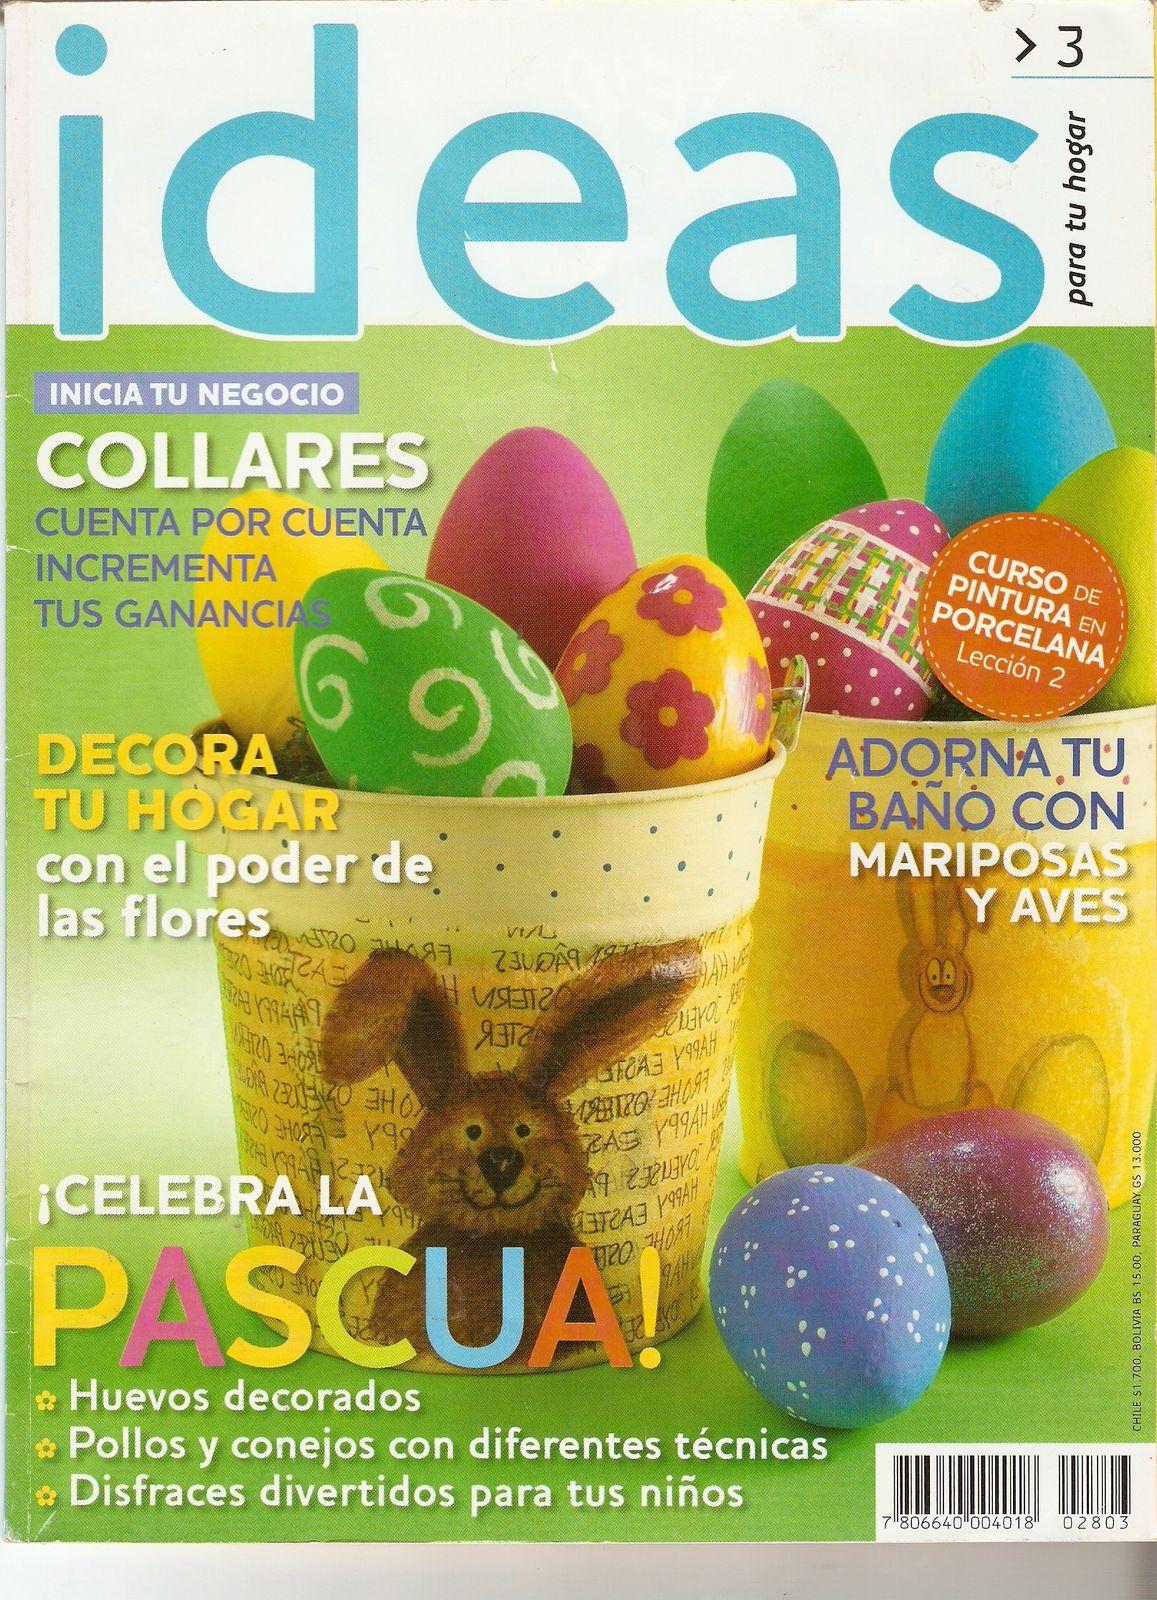 Ideas para tu hogar decora huevos de pascua adorna tu for Ideas para tu hogar